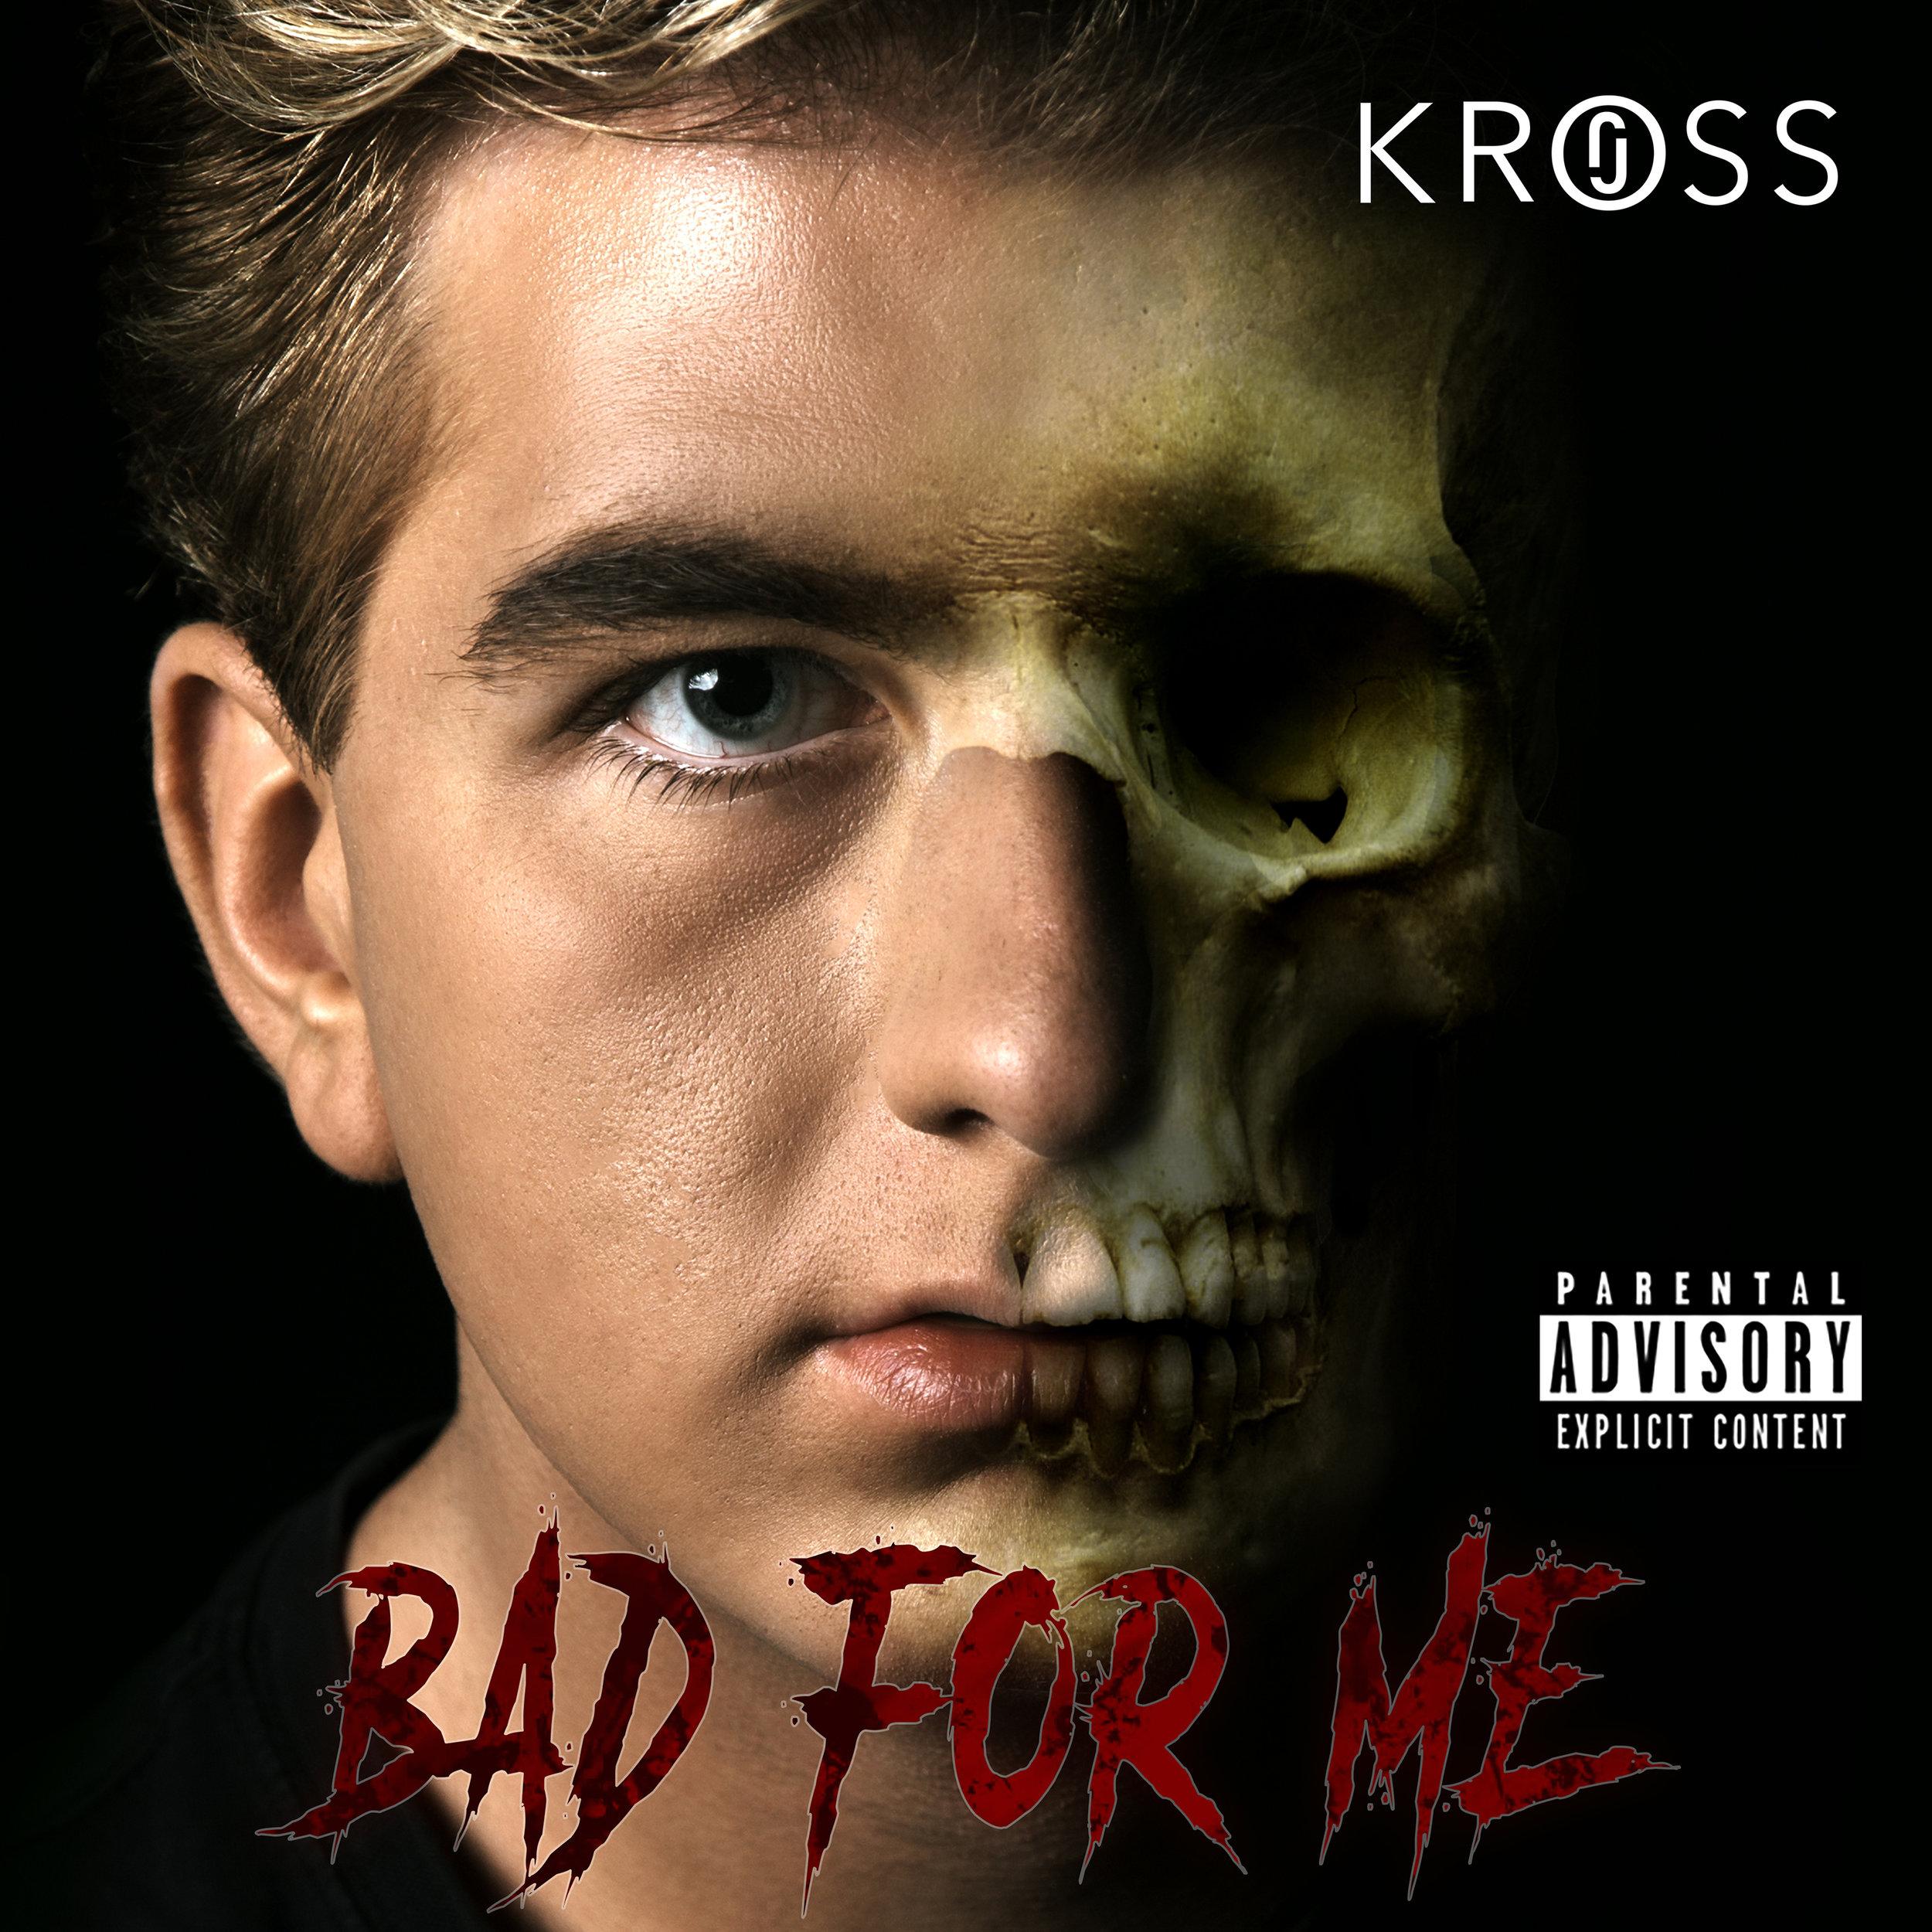 Jo Kross - Bad For Me-Explicit-Cover.jpg